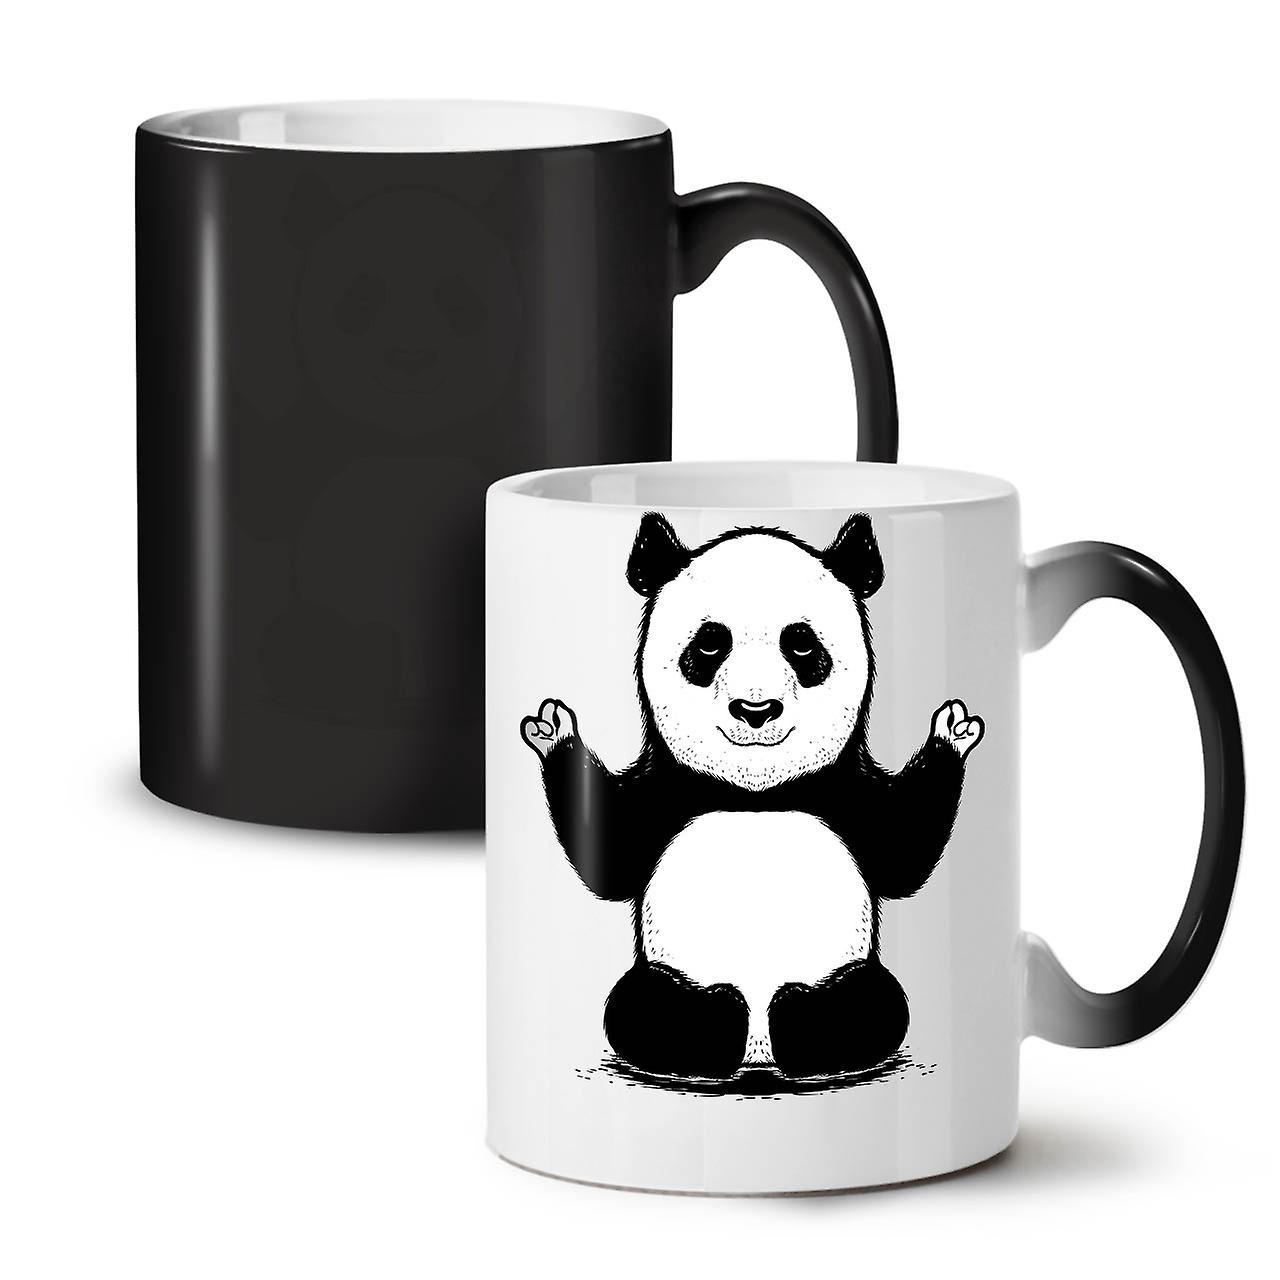 Nouveau Noire Thé Tasse 11 Café OzWellcoda Couleur Mignon Panda Céramique Changeant XZuPki